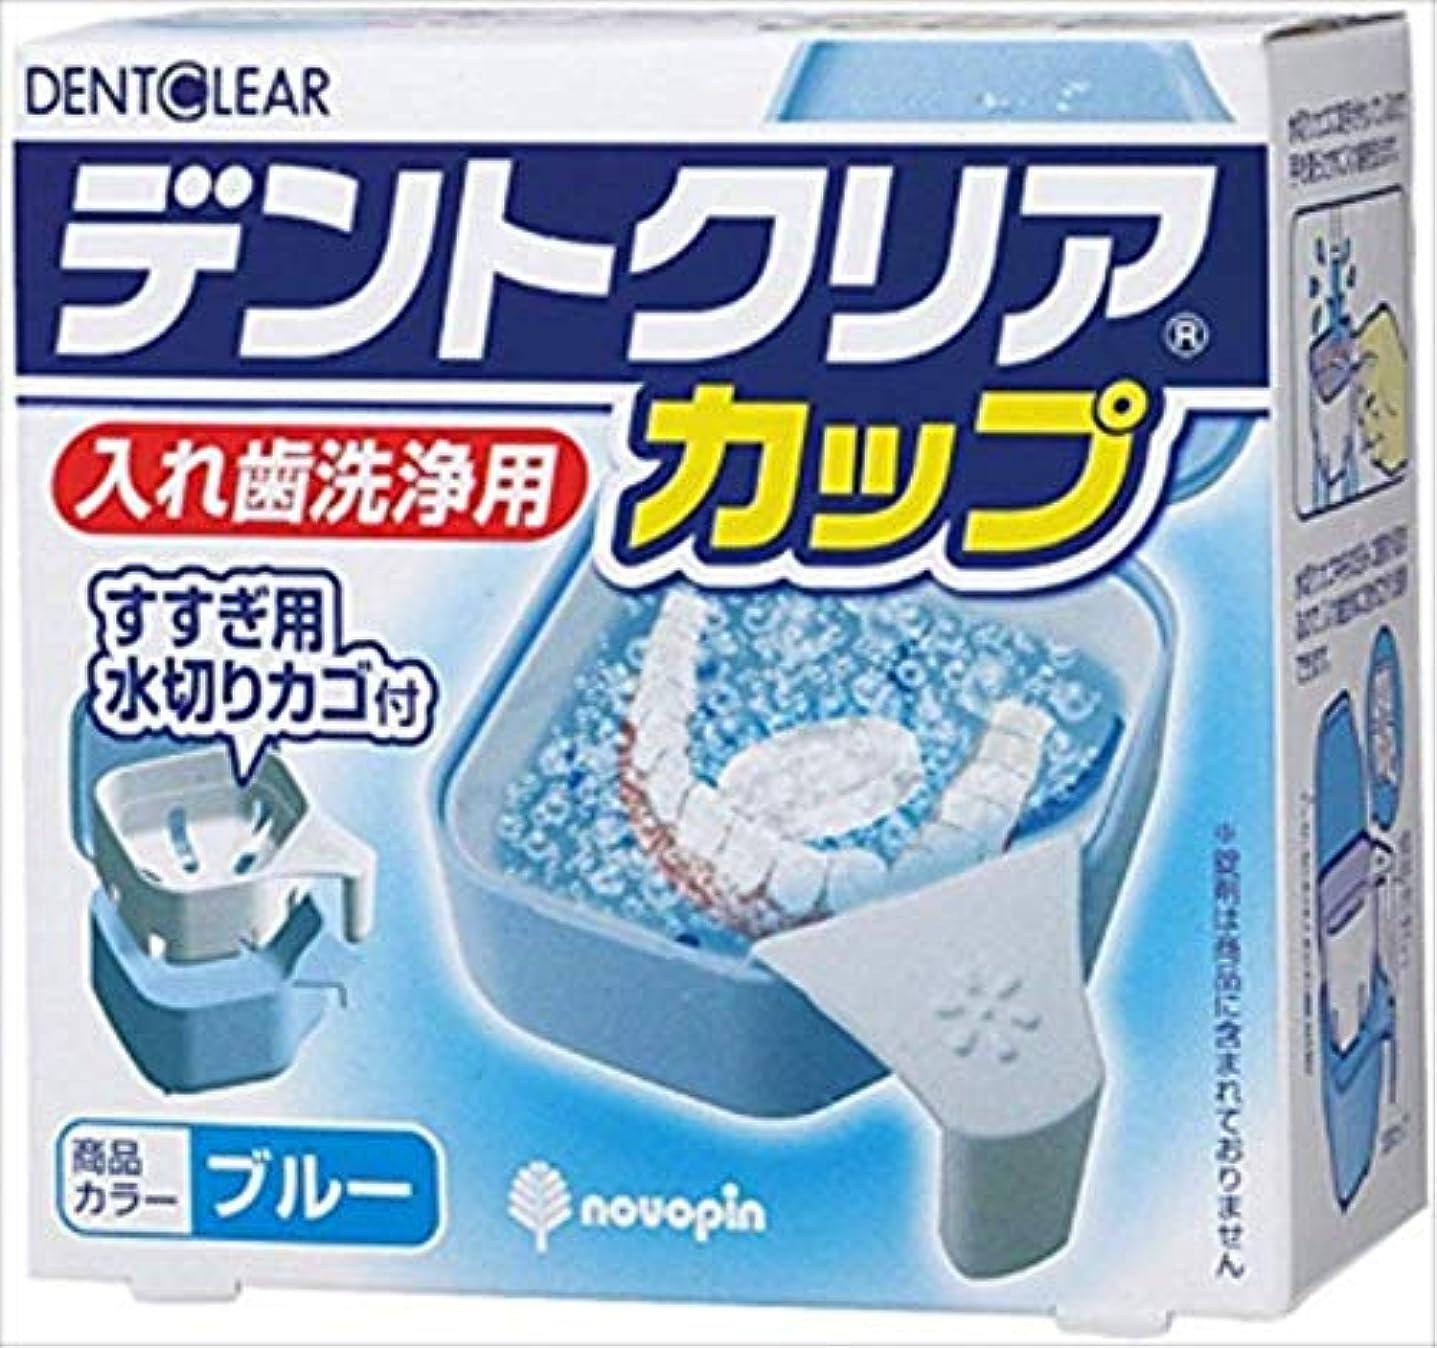 落ち着いて弾性プラグ紀陽除虫菊 入れ歯ケース 日本製 デントクリア カップ (ブルー/水切りカゴ付) コンパクト